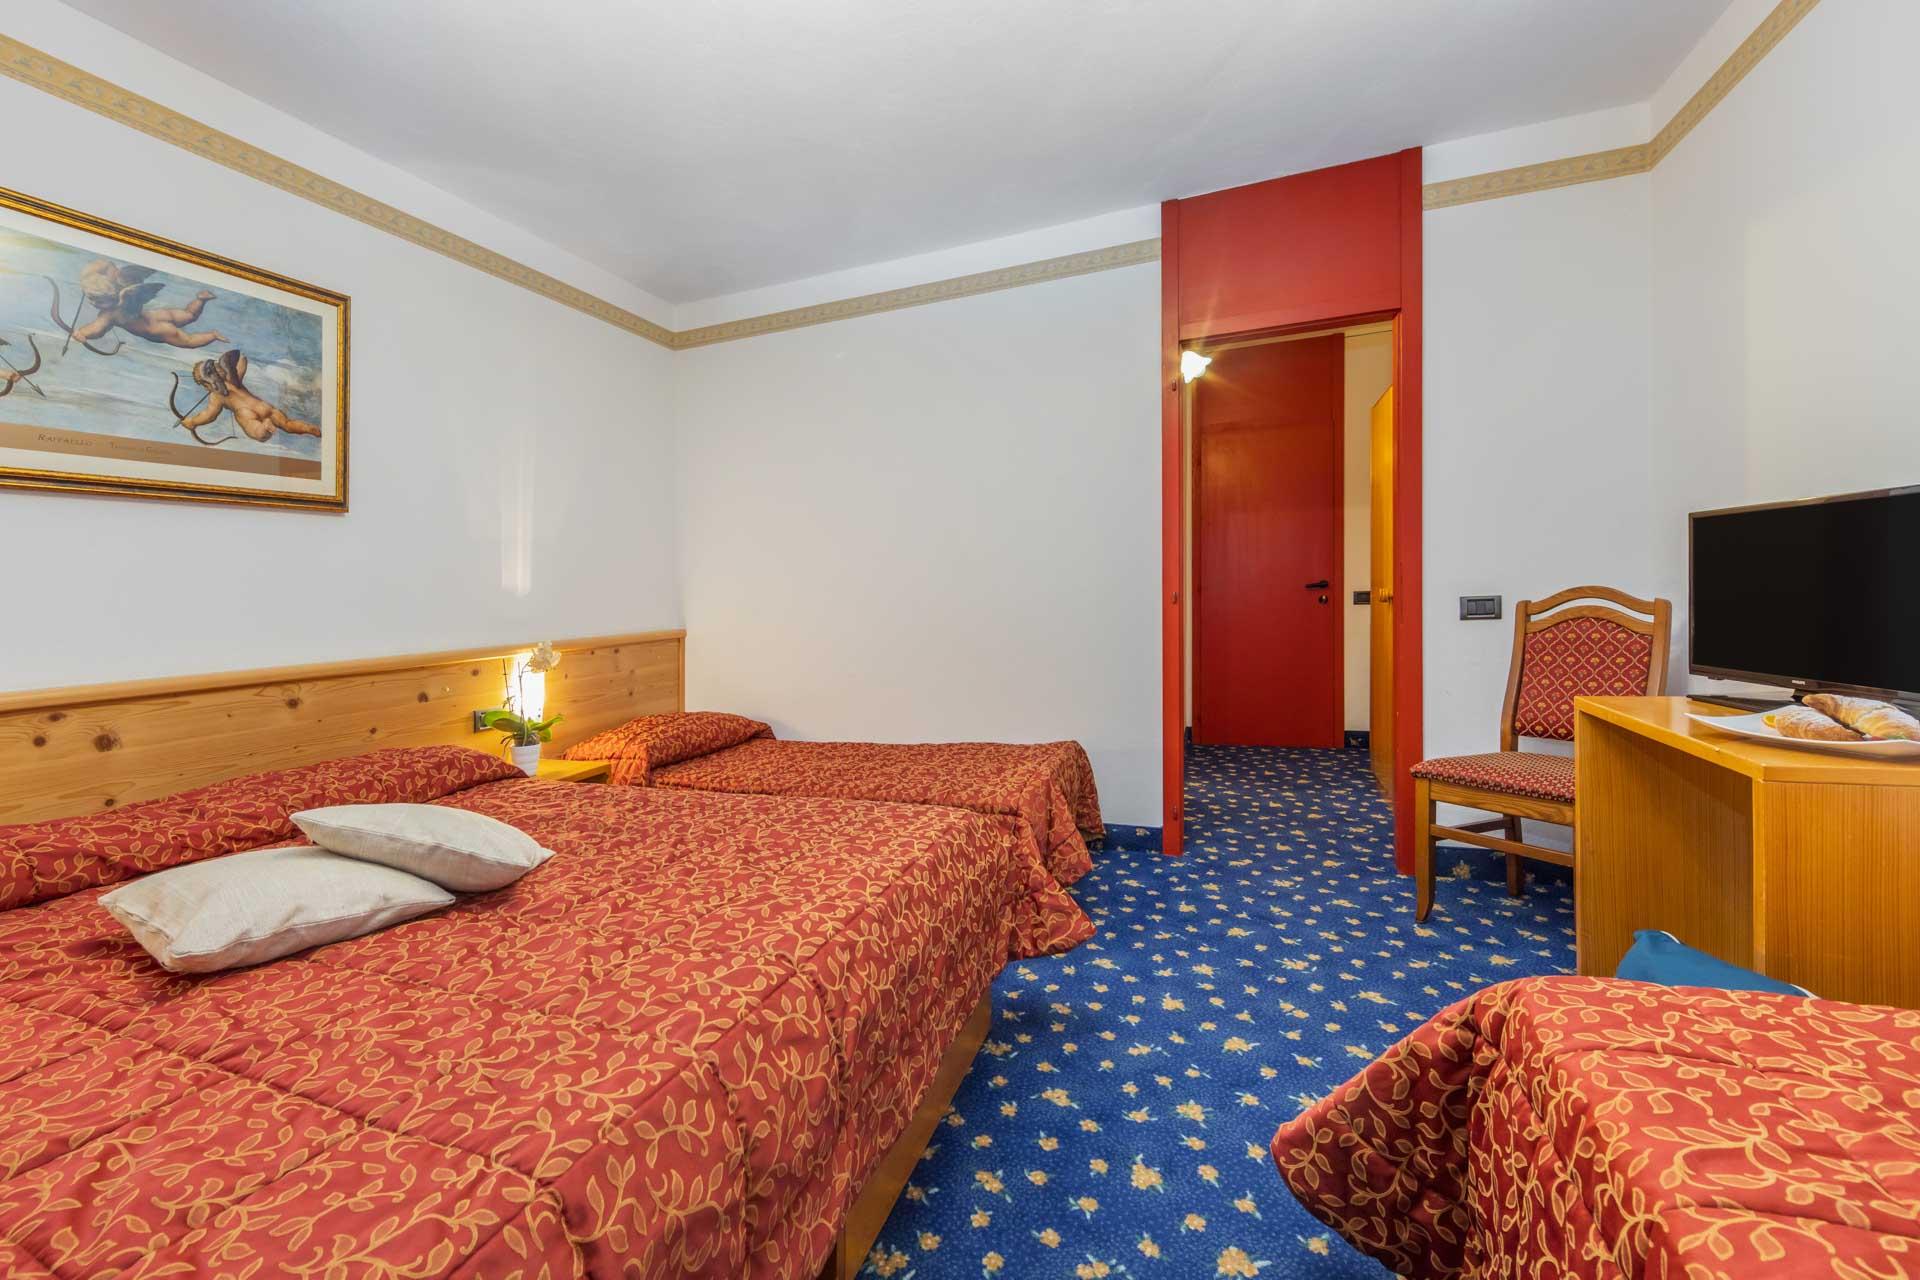 hotel-vicino-molveno-e-terme-di-comano-miravalle-cucina-tipica-con-piscina-118